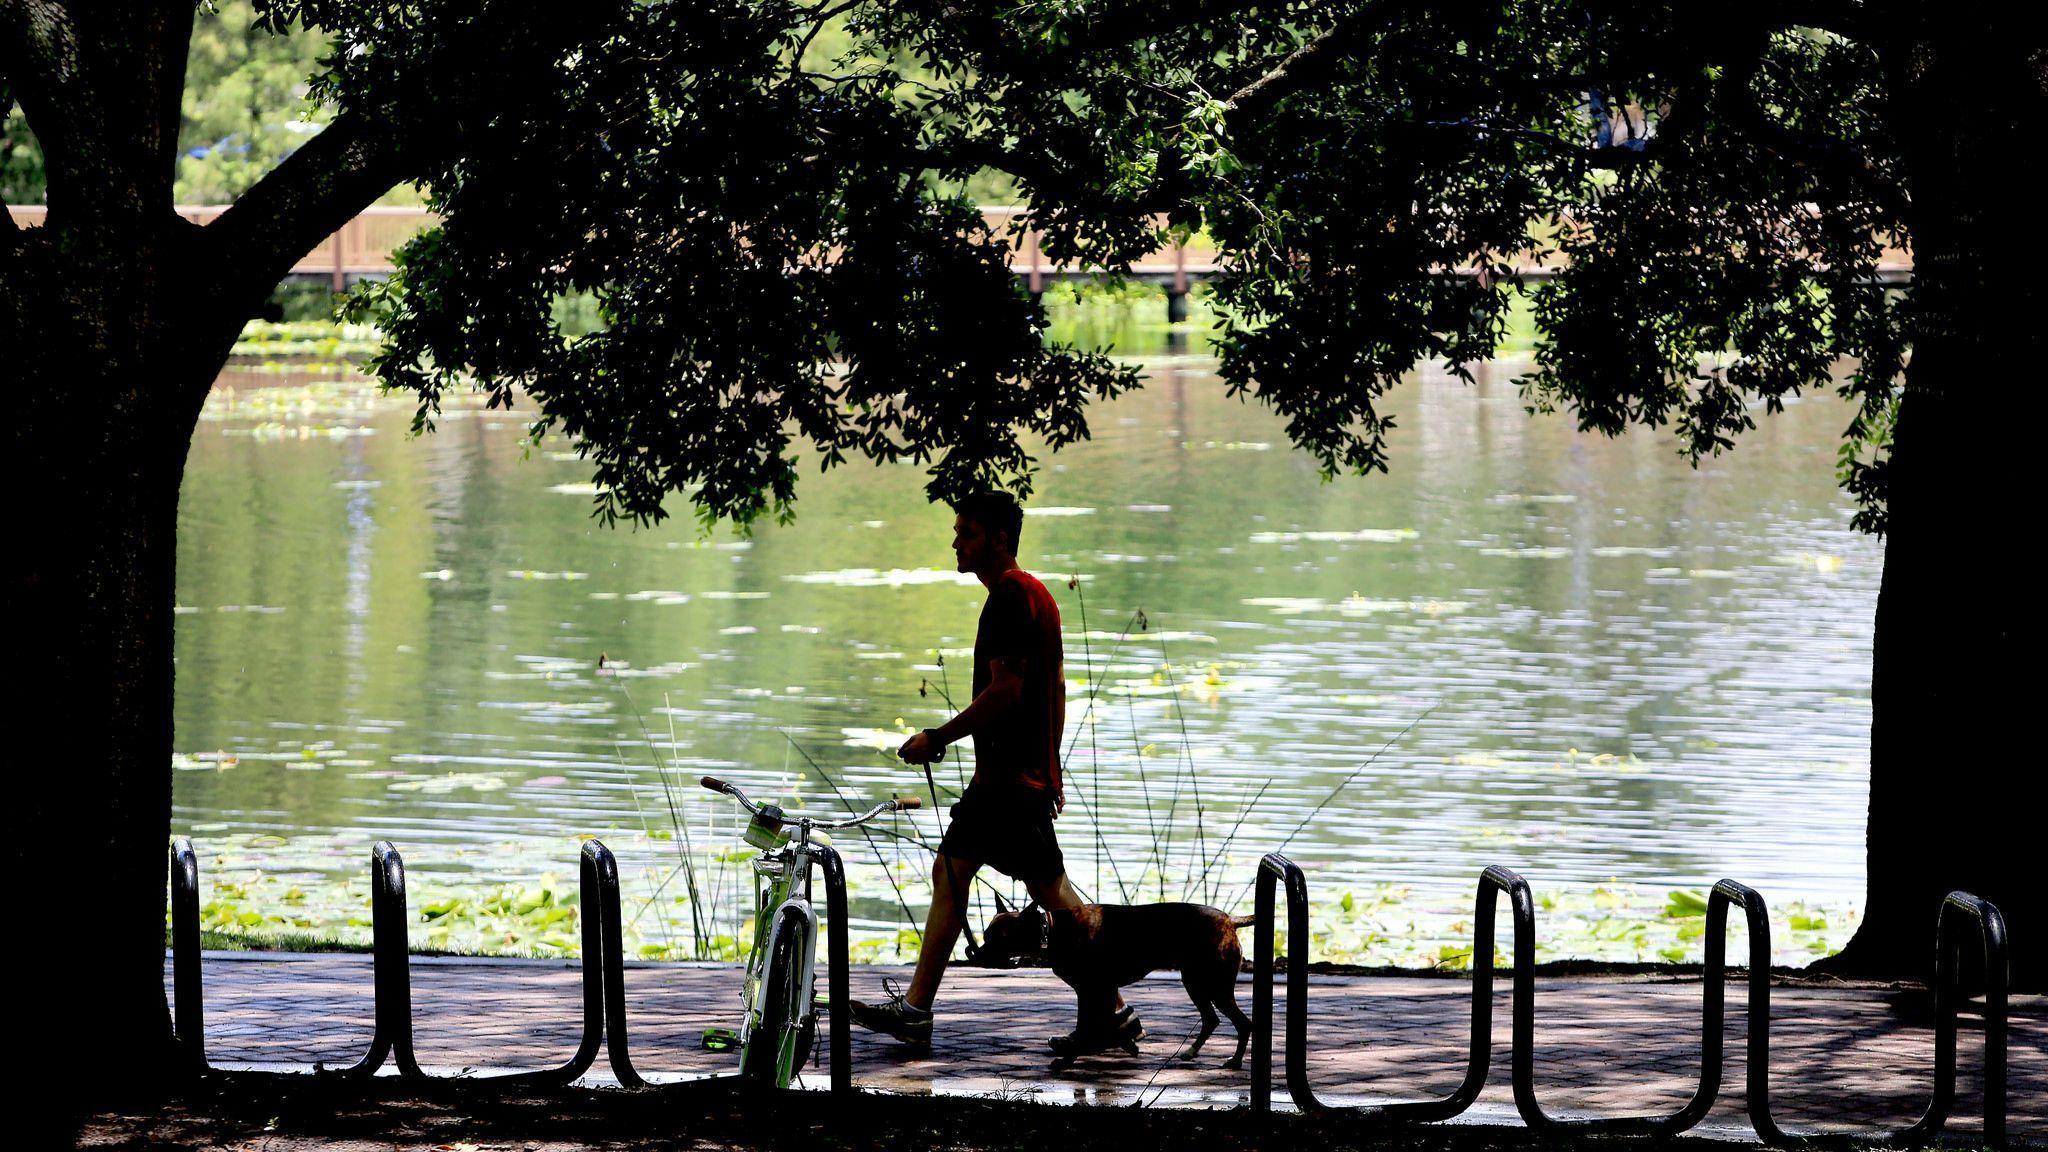 Lake Lily Park